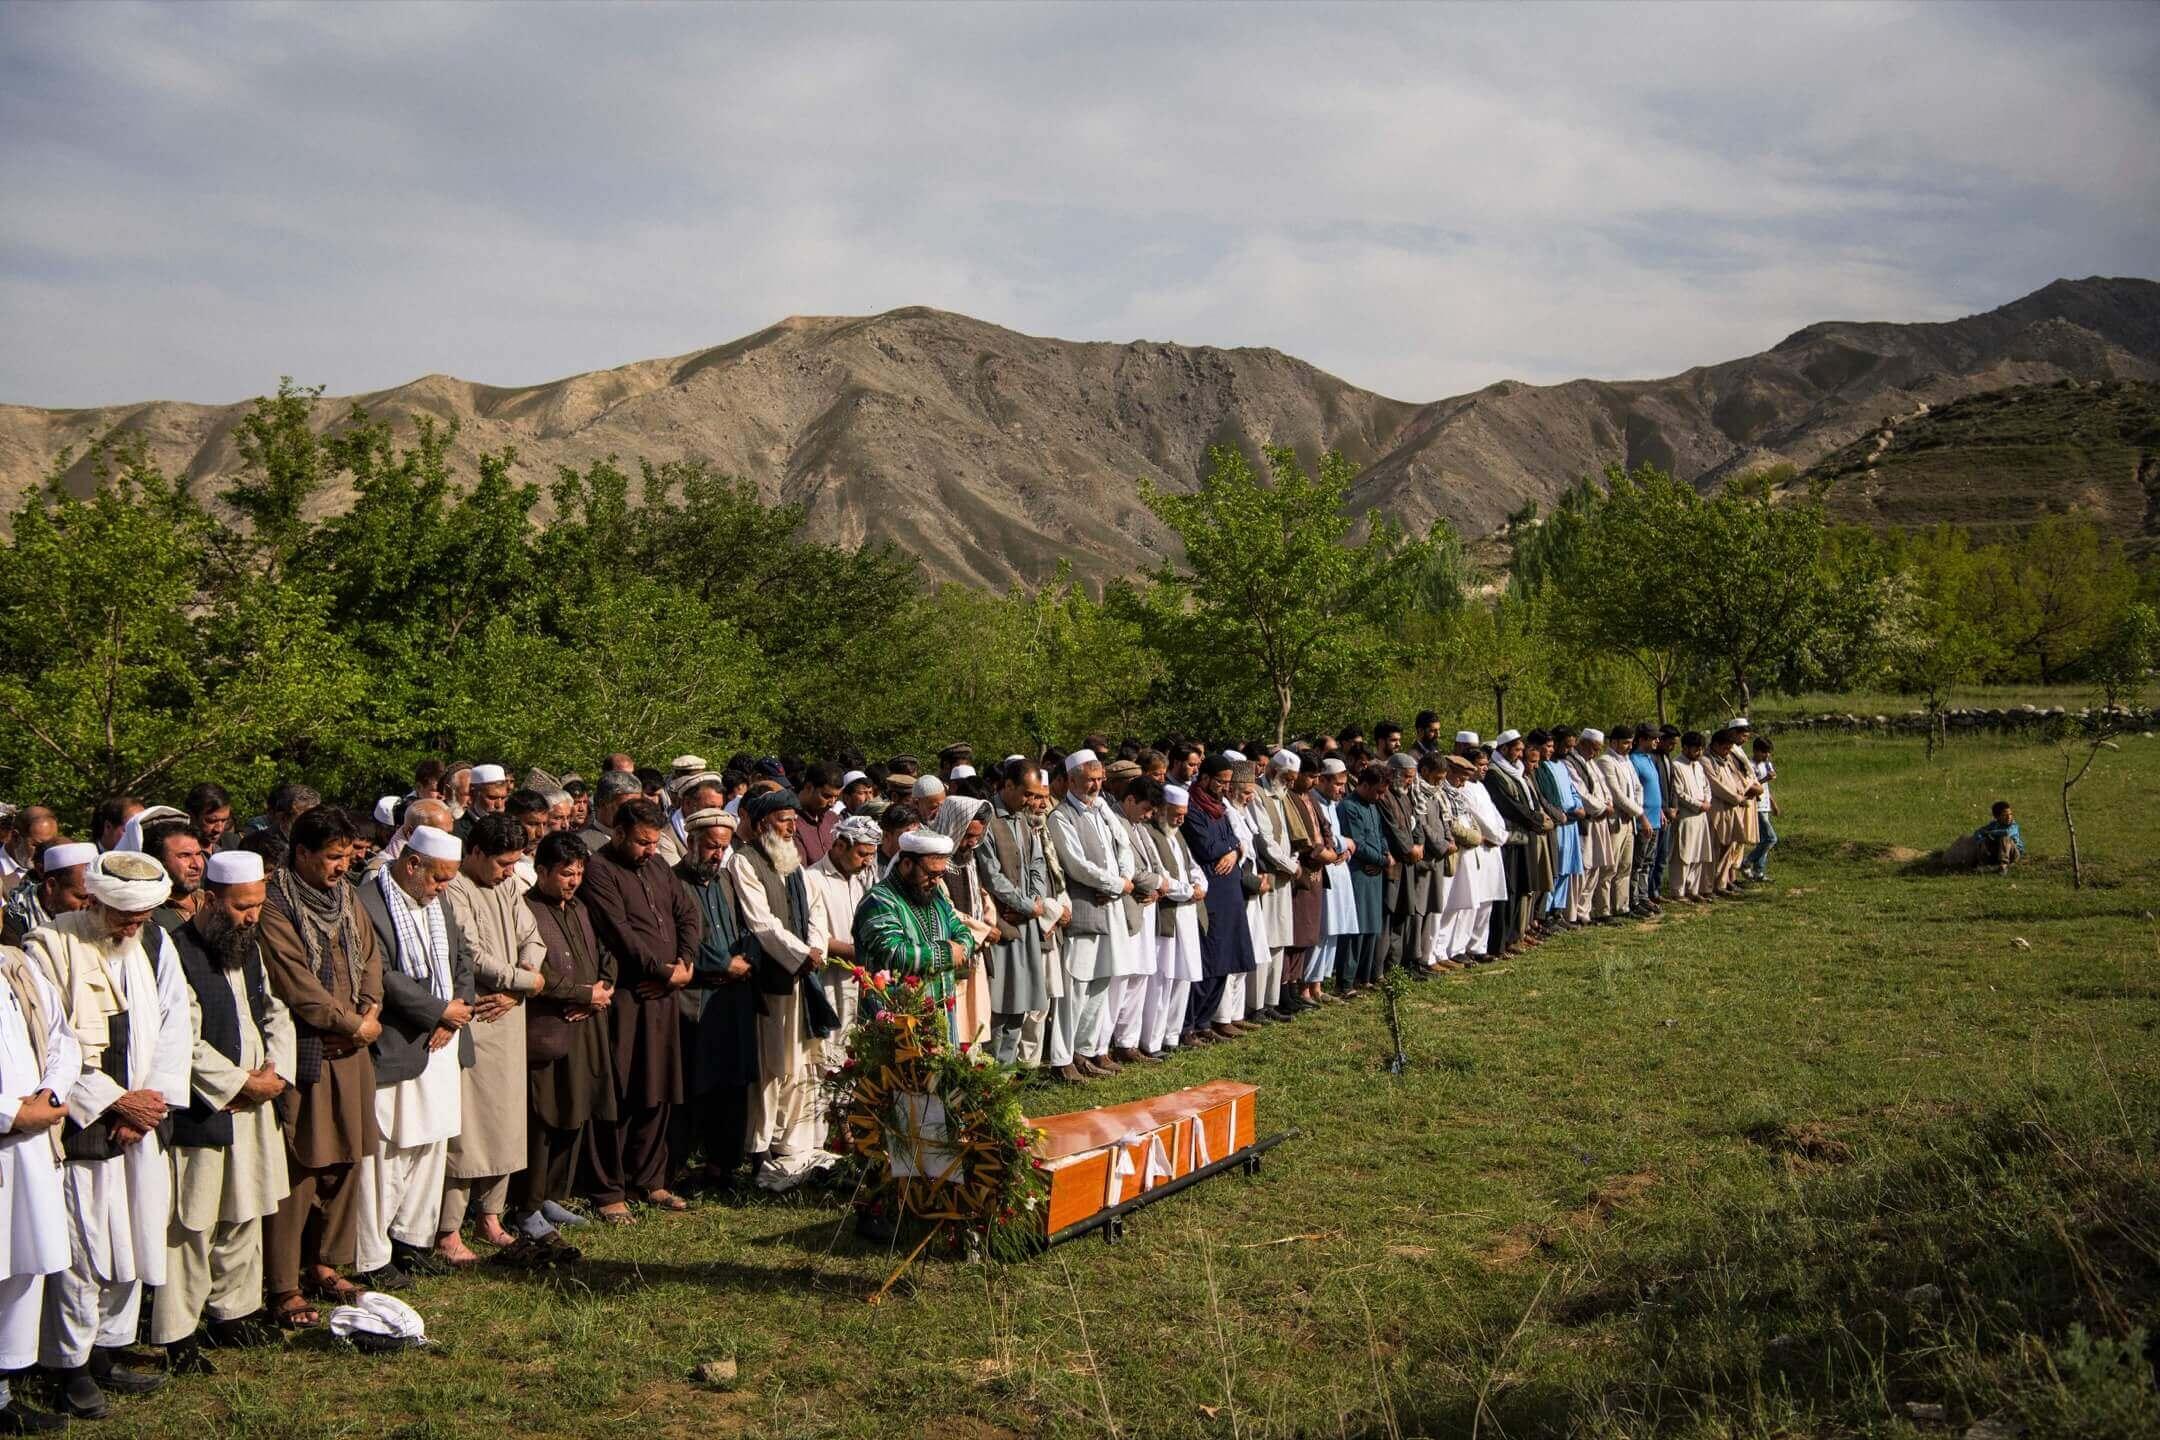 2018年4月30日,阿富汗喀布爾,法新社首席攝影記者 Shah Marai Faizi 落葬,親友們前來參加喪禮。41歲的 Marai 當天較早前在首都喀布爾採訪時遇到自殺式炸彈襲擊殉職,另外有9名來自不同機構的記者及16名平民在同一次襲擊中遇難。